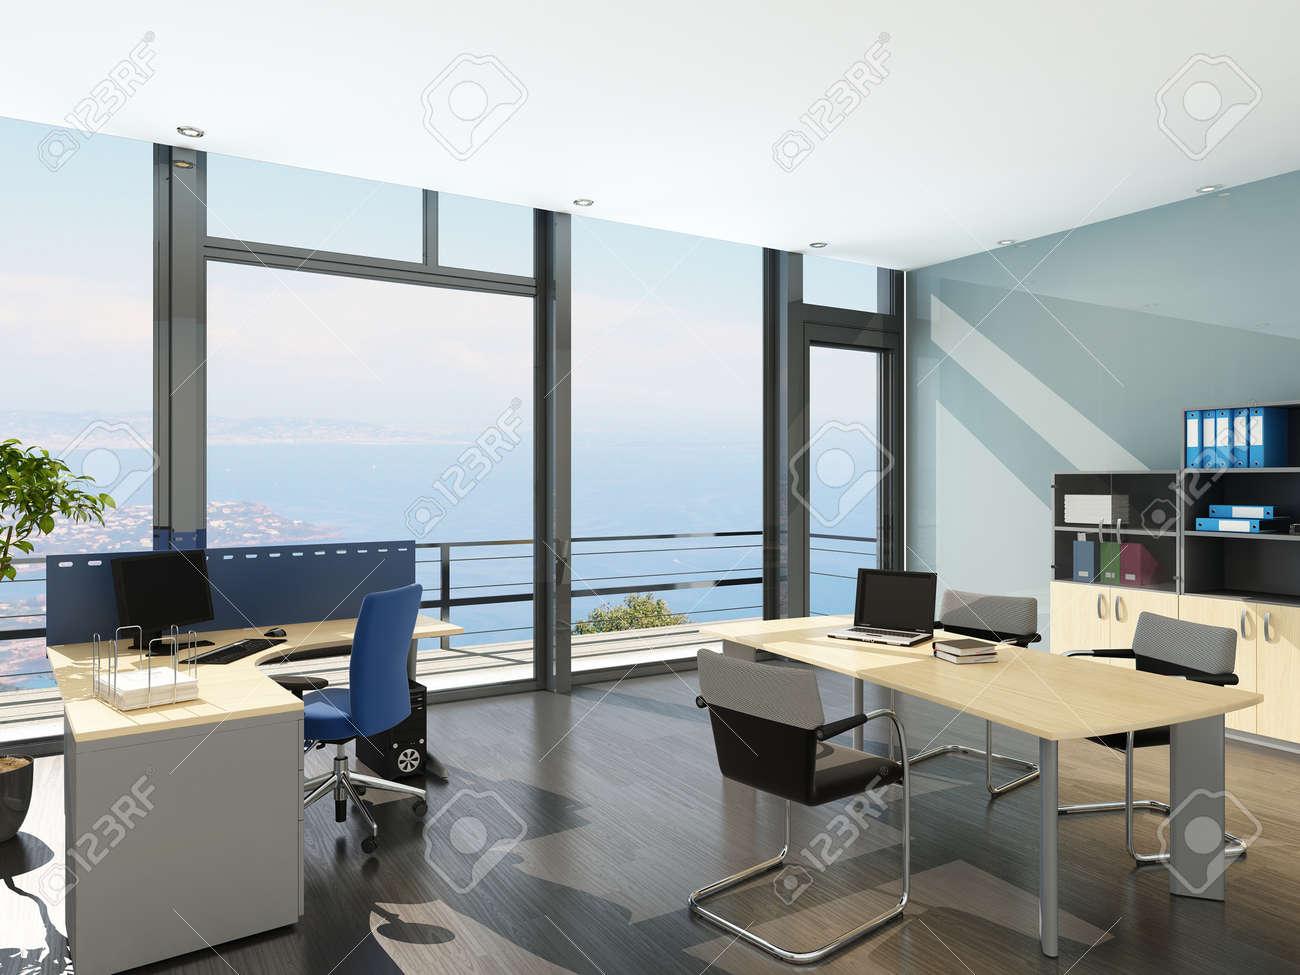 Intérieur moderne de bureau avec vue spledid marin banque d images